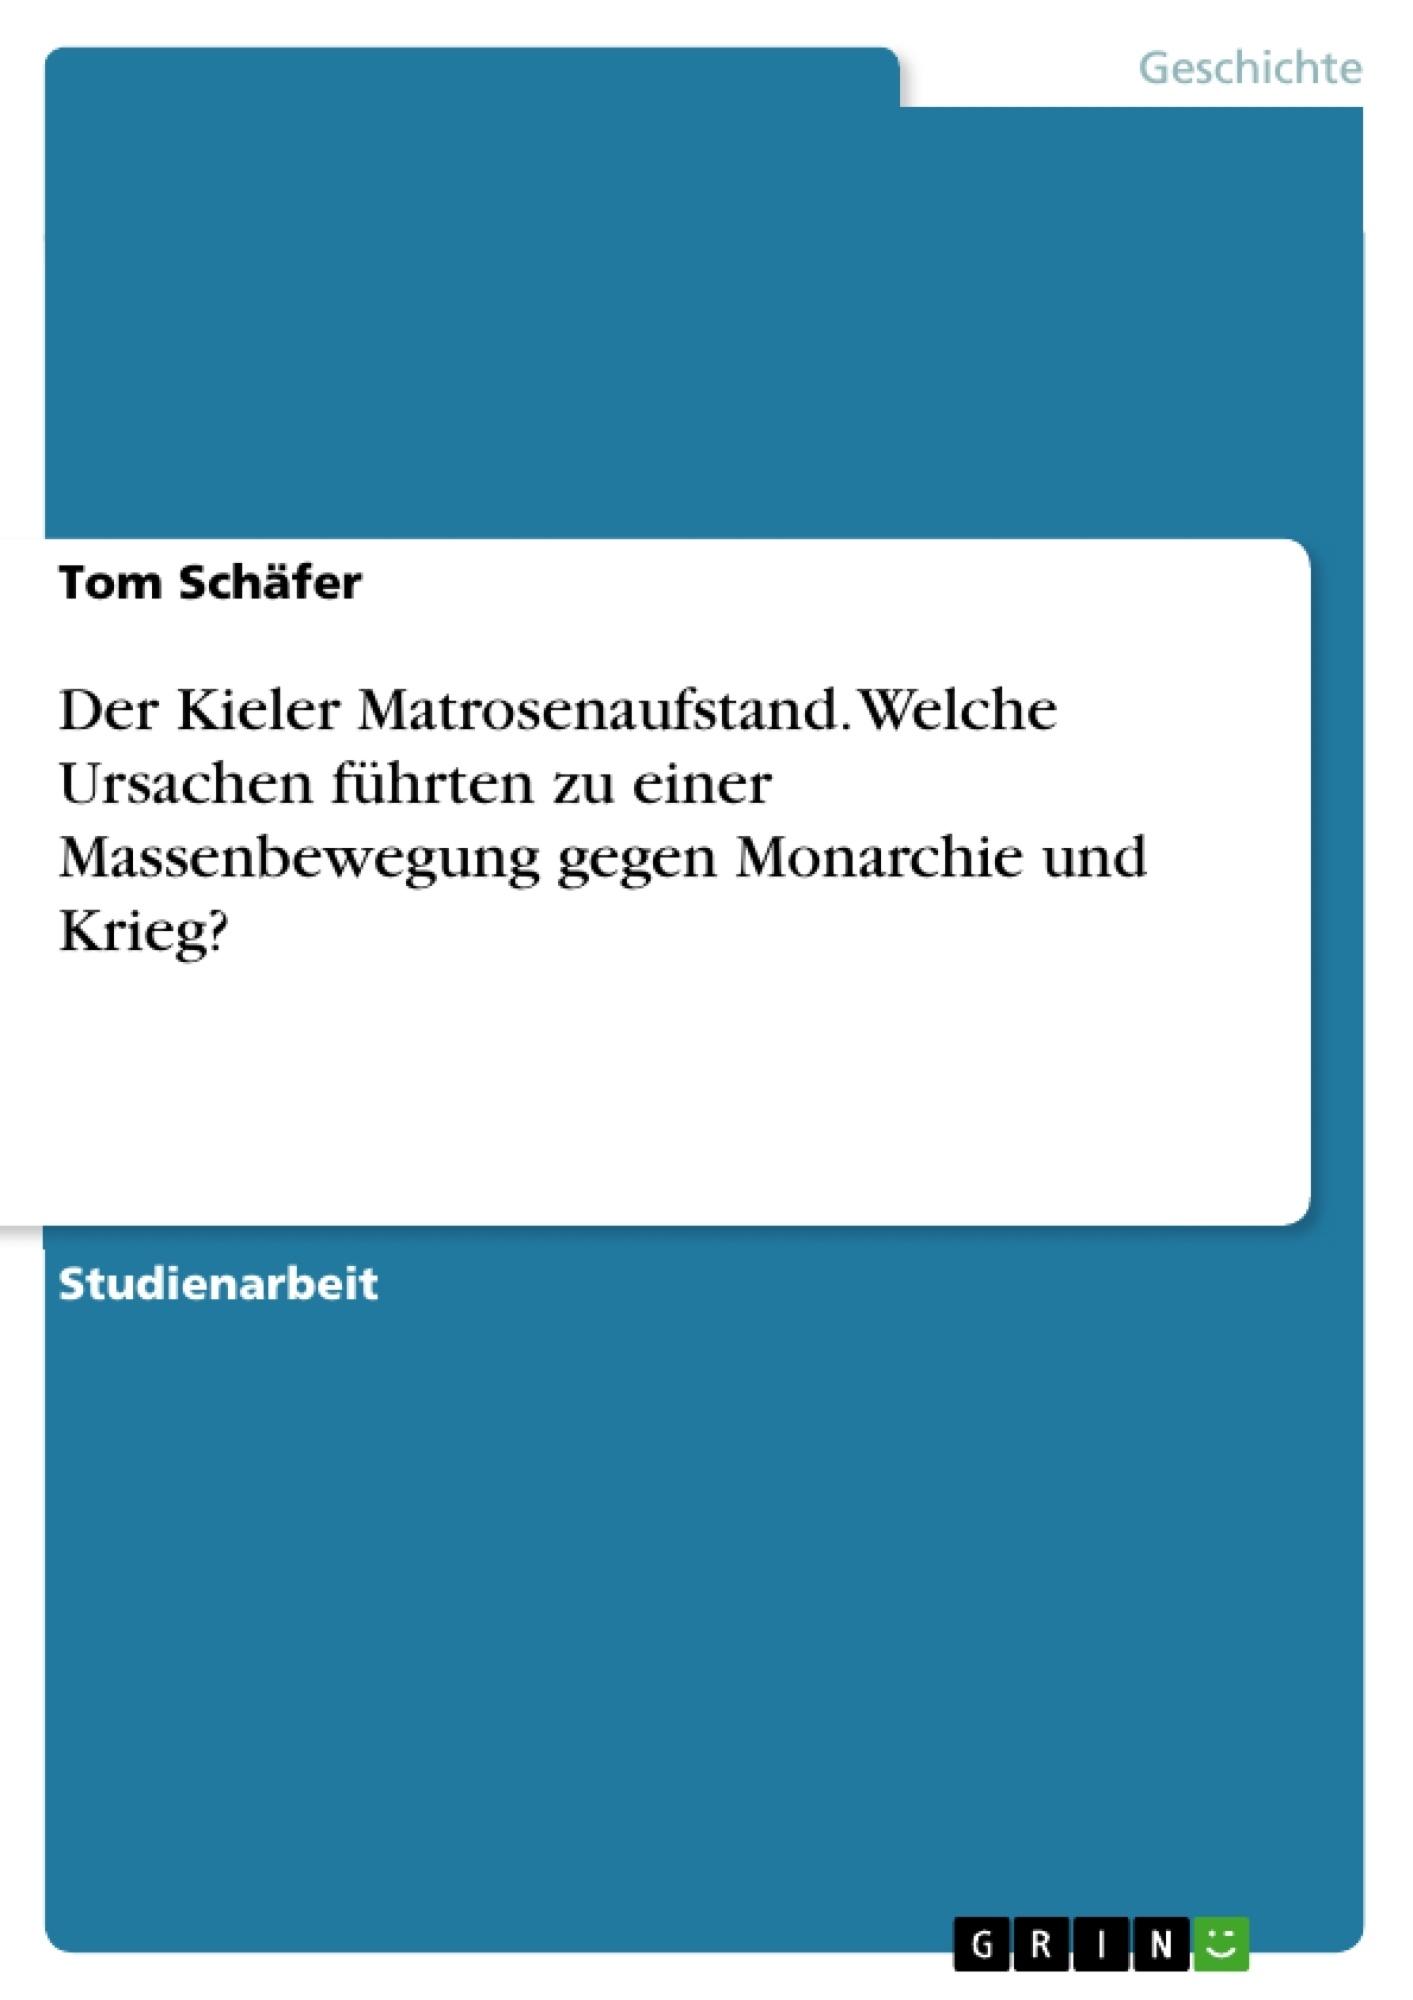 Titel: Der Kieler Matrosenaufstand. Welche Ursachen führten zu einer Massenbewegung gegen Monarchie und Krieg?